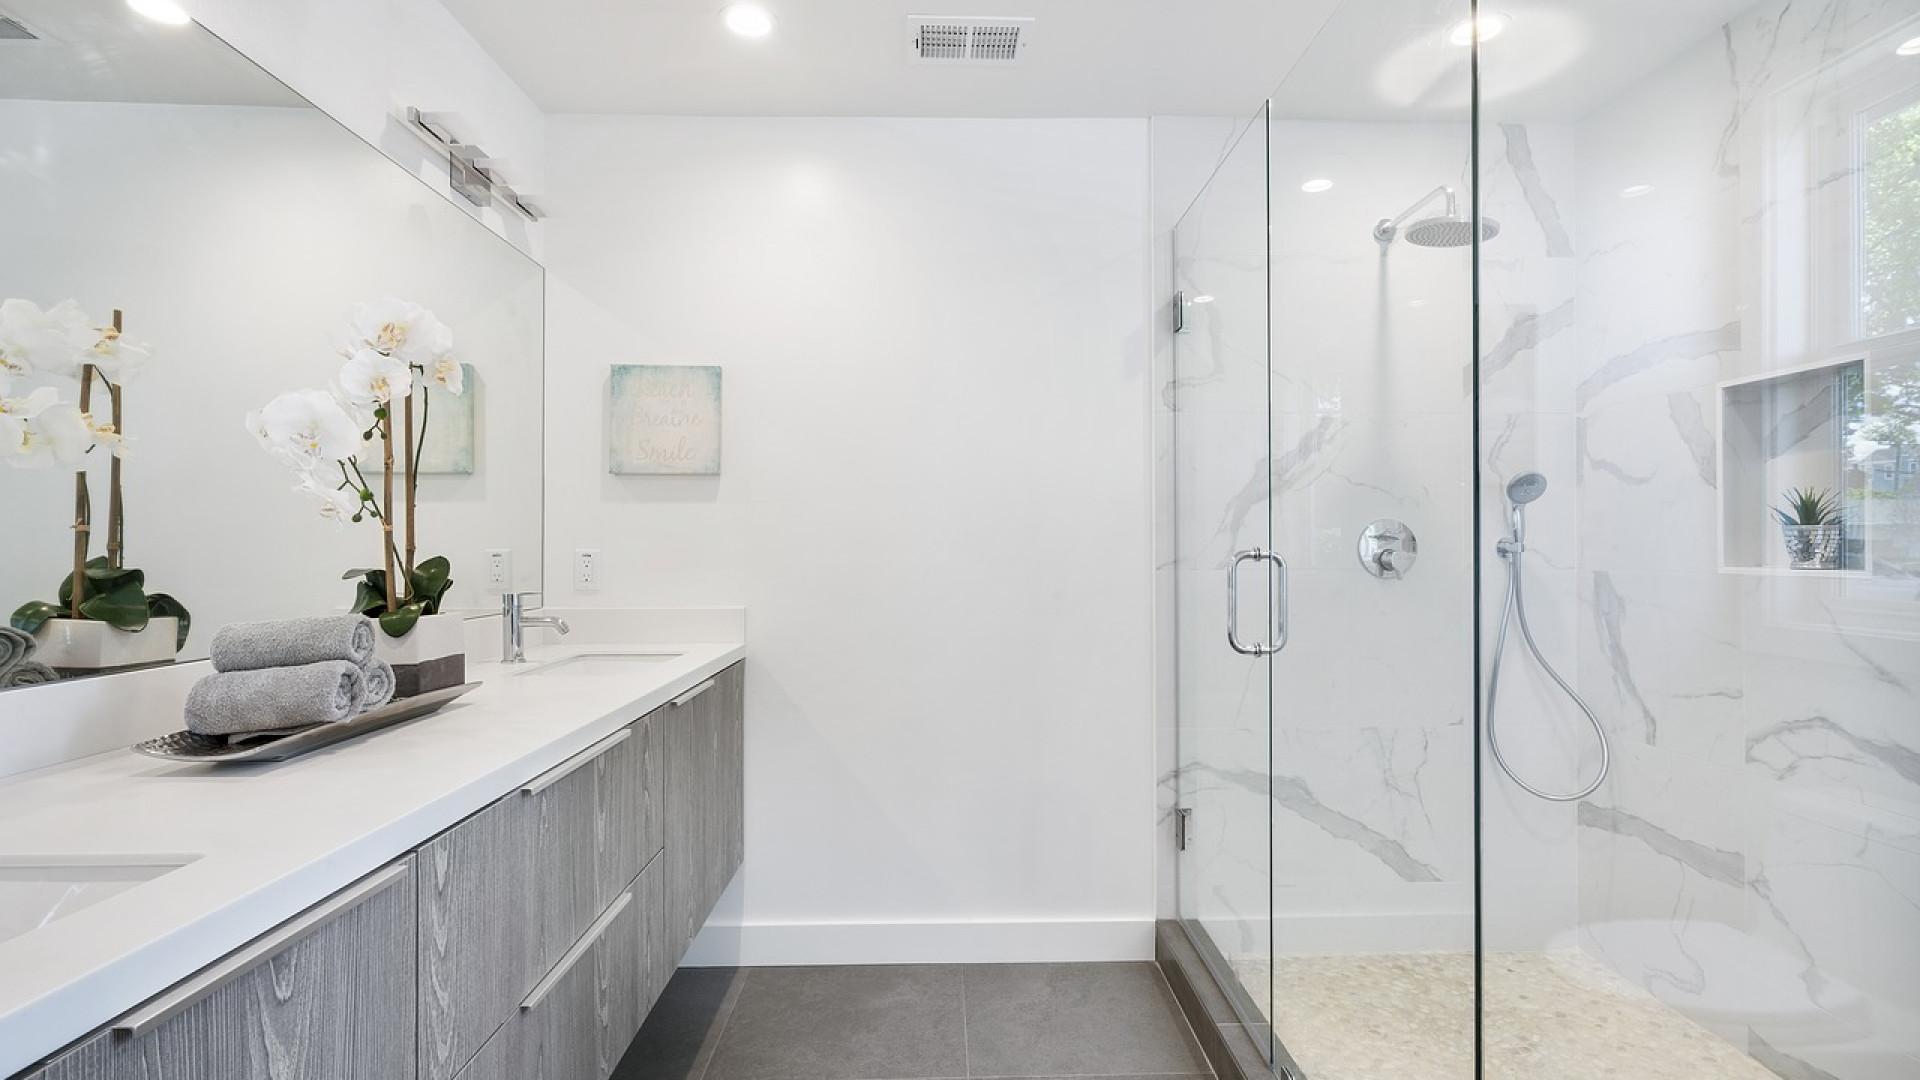 Votre future douche pâtira-t-elle de vos erreurs ?